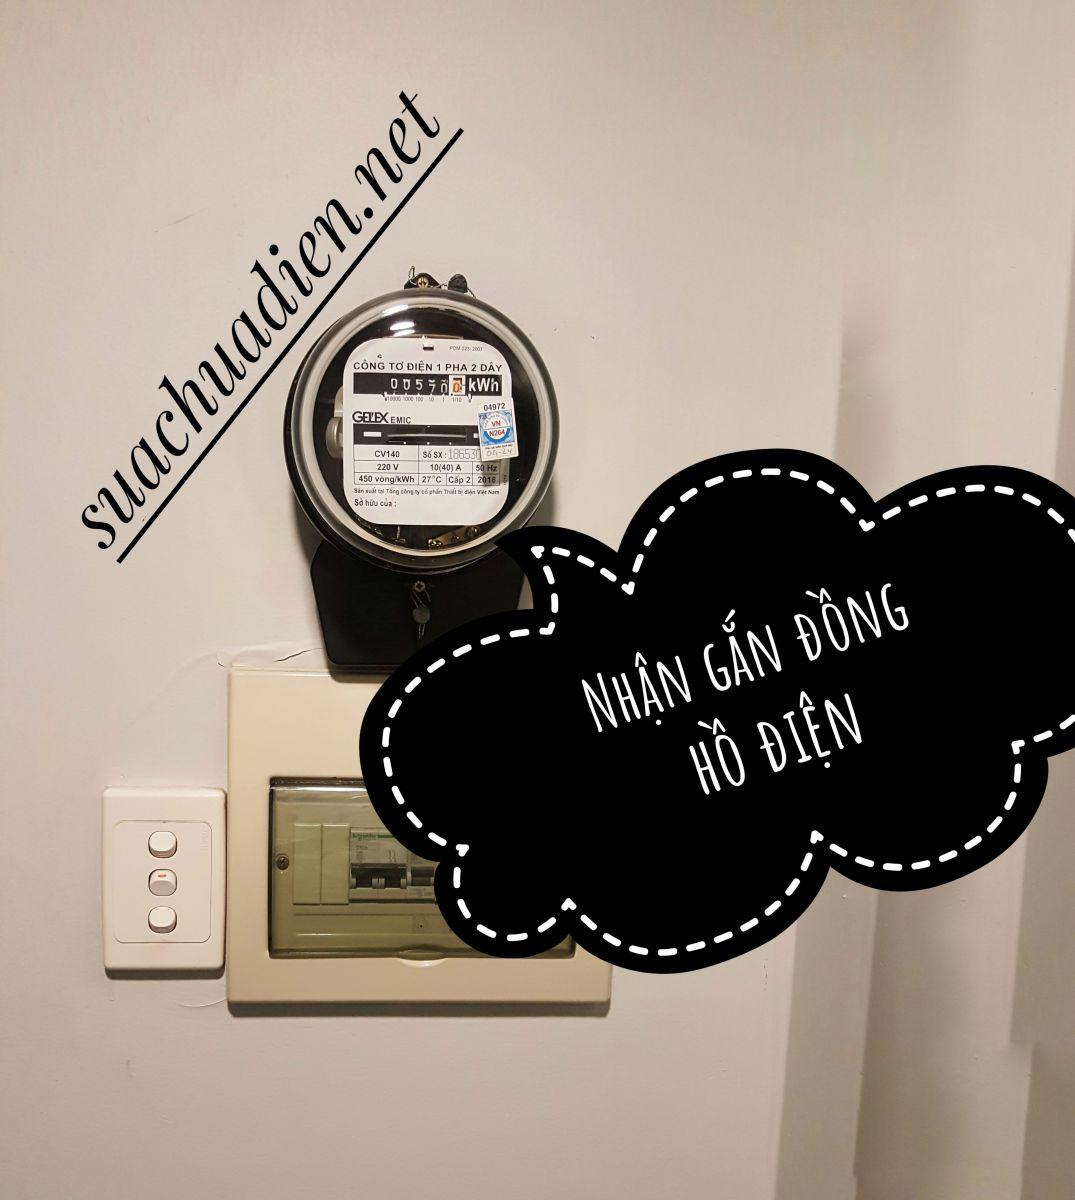 sửa chửa điện tại nhà với chỉ 1 cuộc gọi